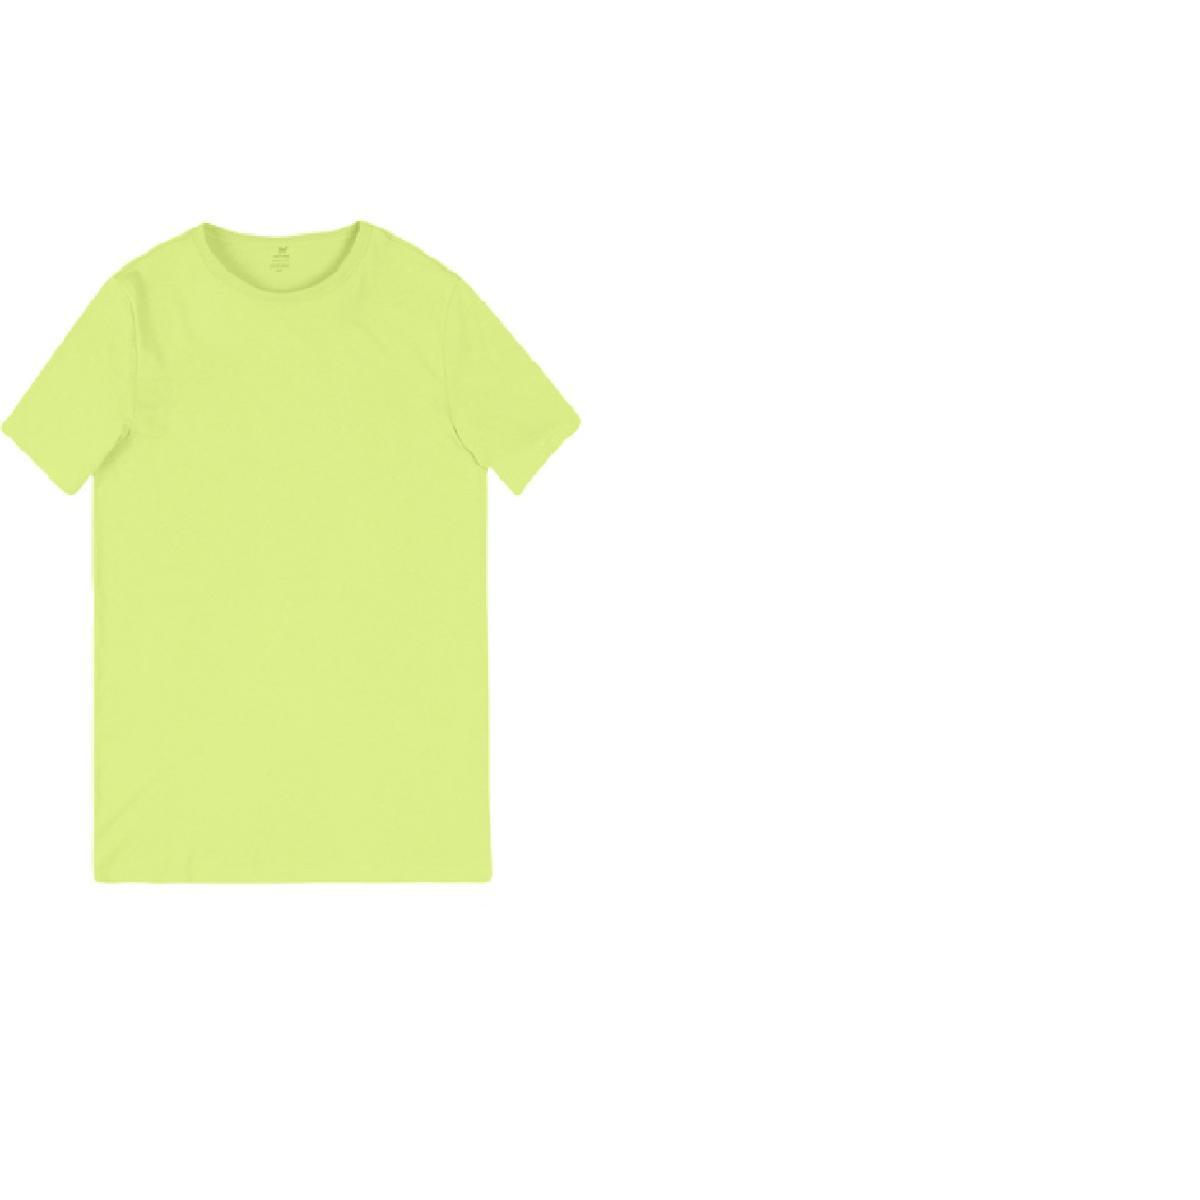 Camiseta Masculina Hering 0299 Yuden Amarelo Limão